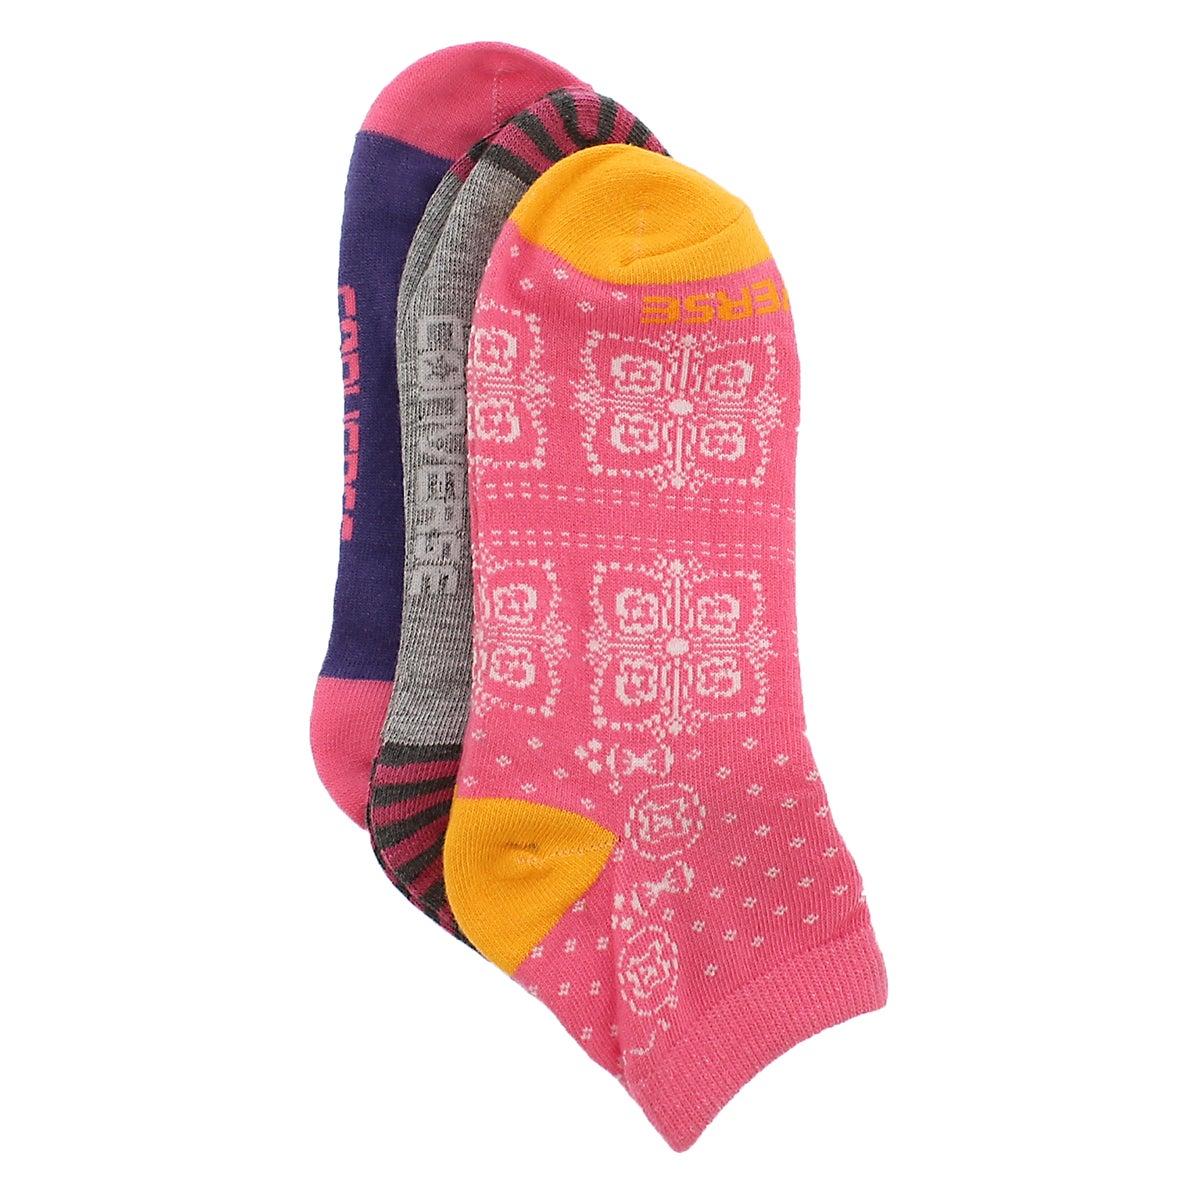 Lds Converse Bandana pnk lowcut sock 3pk